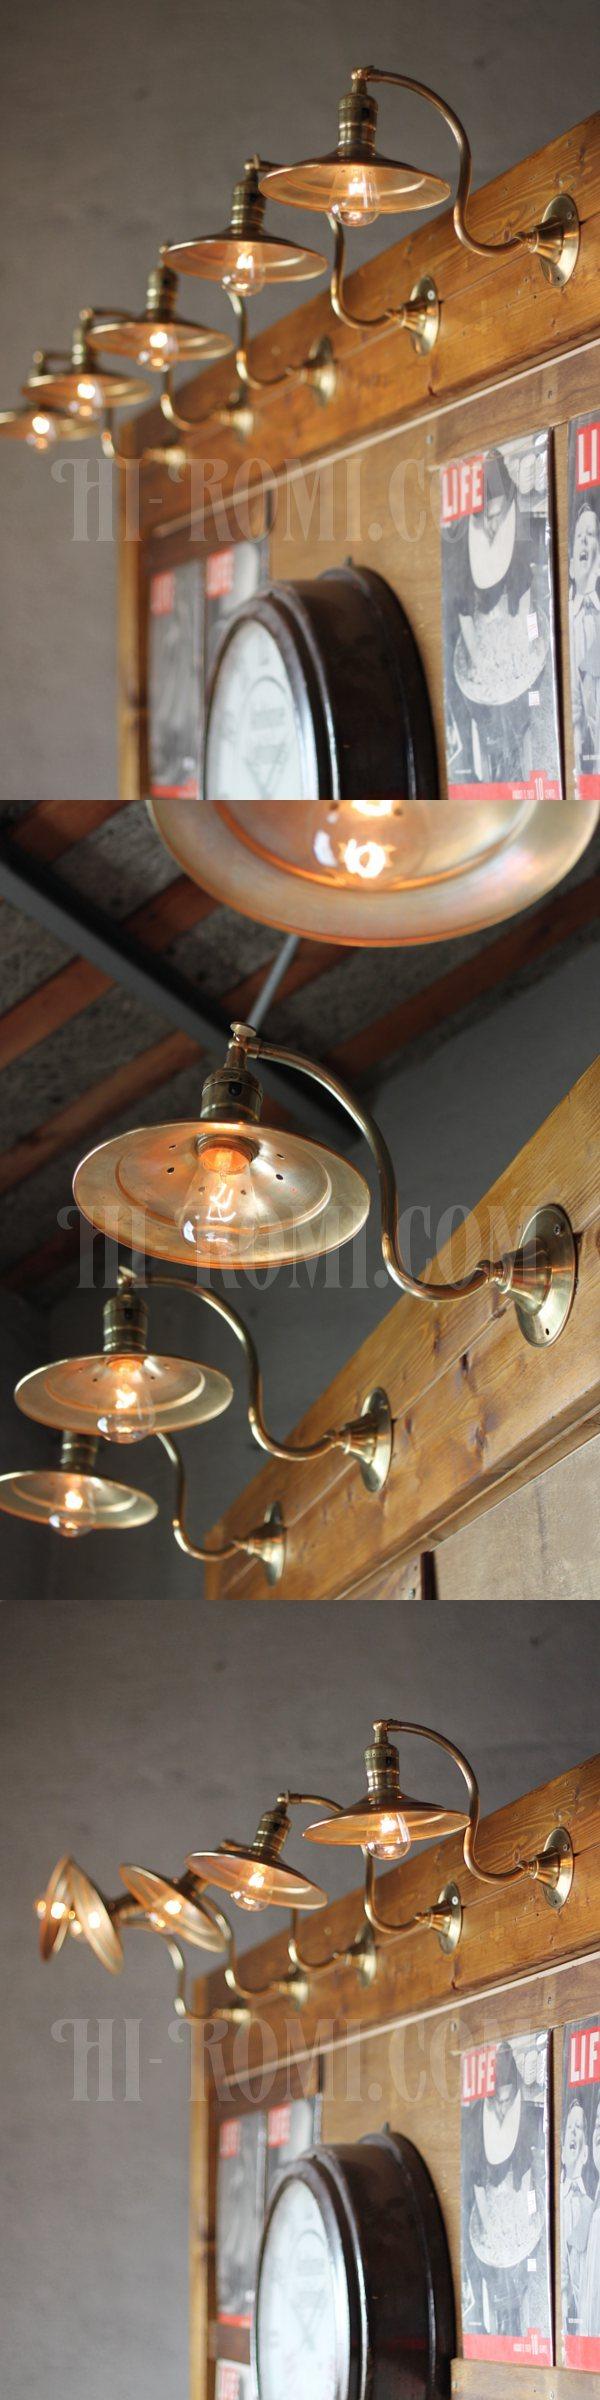 ヴィンテージ工業系平シェード角度調整付き真鍮ブラケットA/アンティーク照明インダストリアルウォールランプ